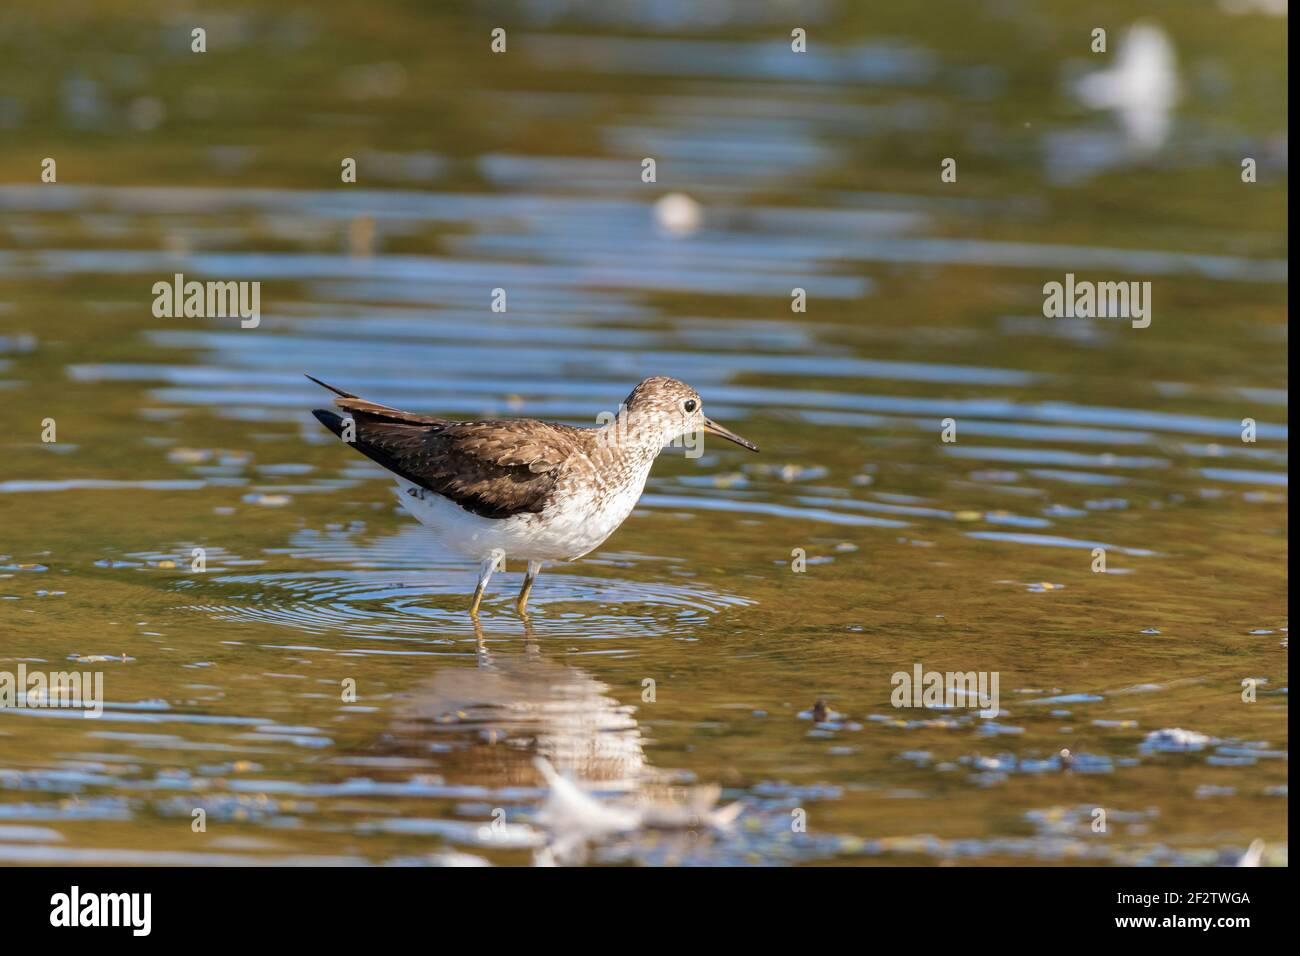 00966-00409 Sandpiper solitario (Tringa solitaria) bañándose en el humedal Marion Co. IL Foto de stock